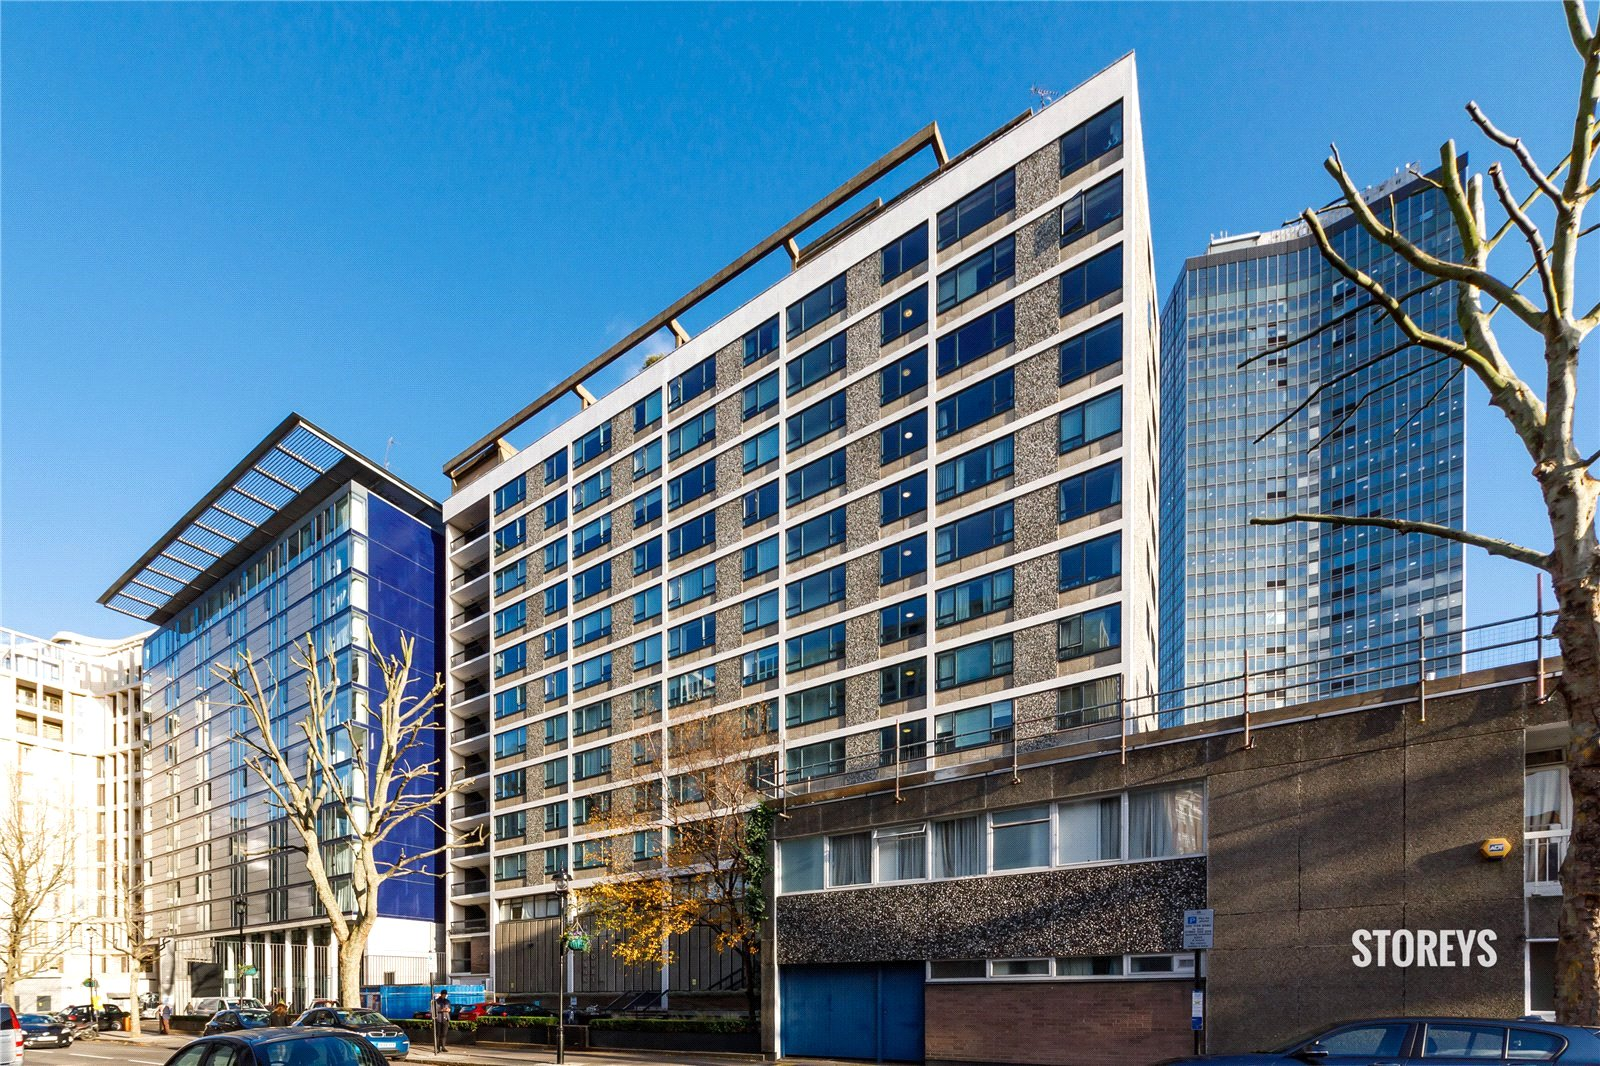 John Islip Street  Westminster  SW1P